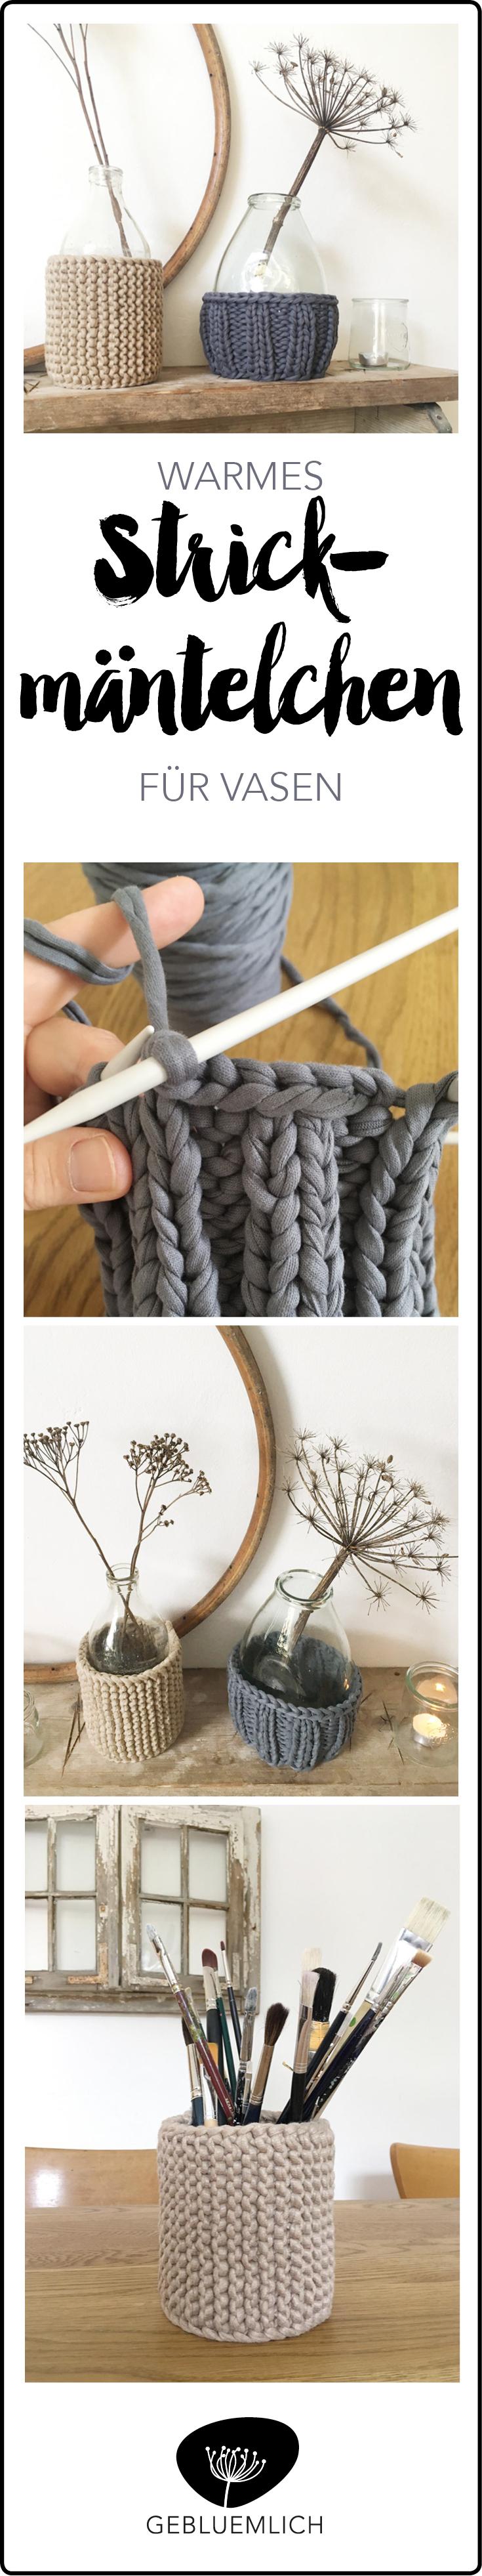 Pinterest Warmes Strickmäntelchen für Vasen